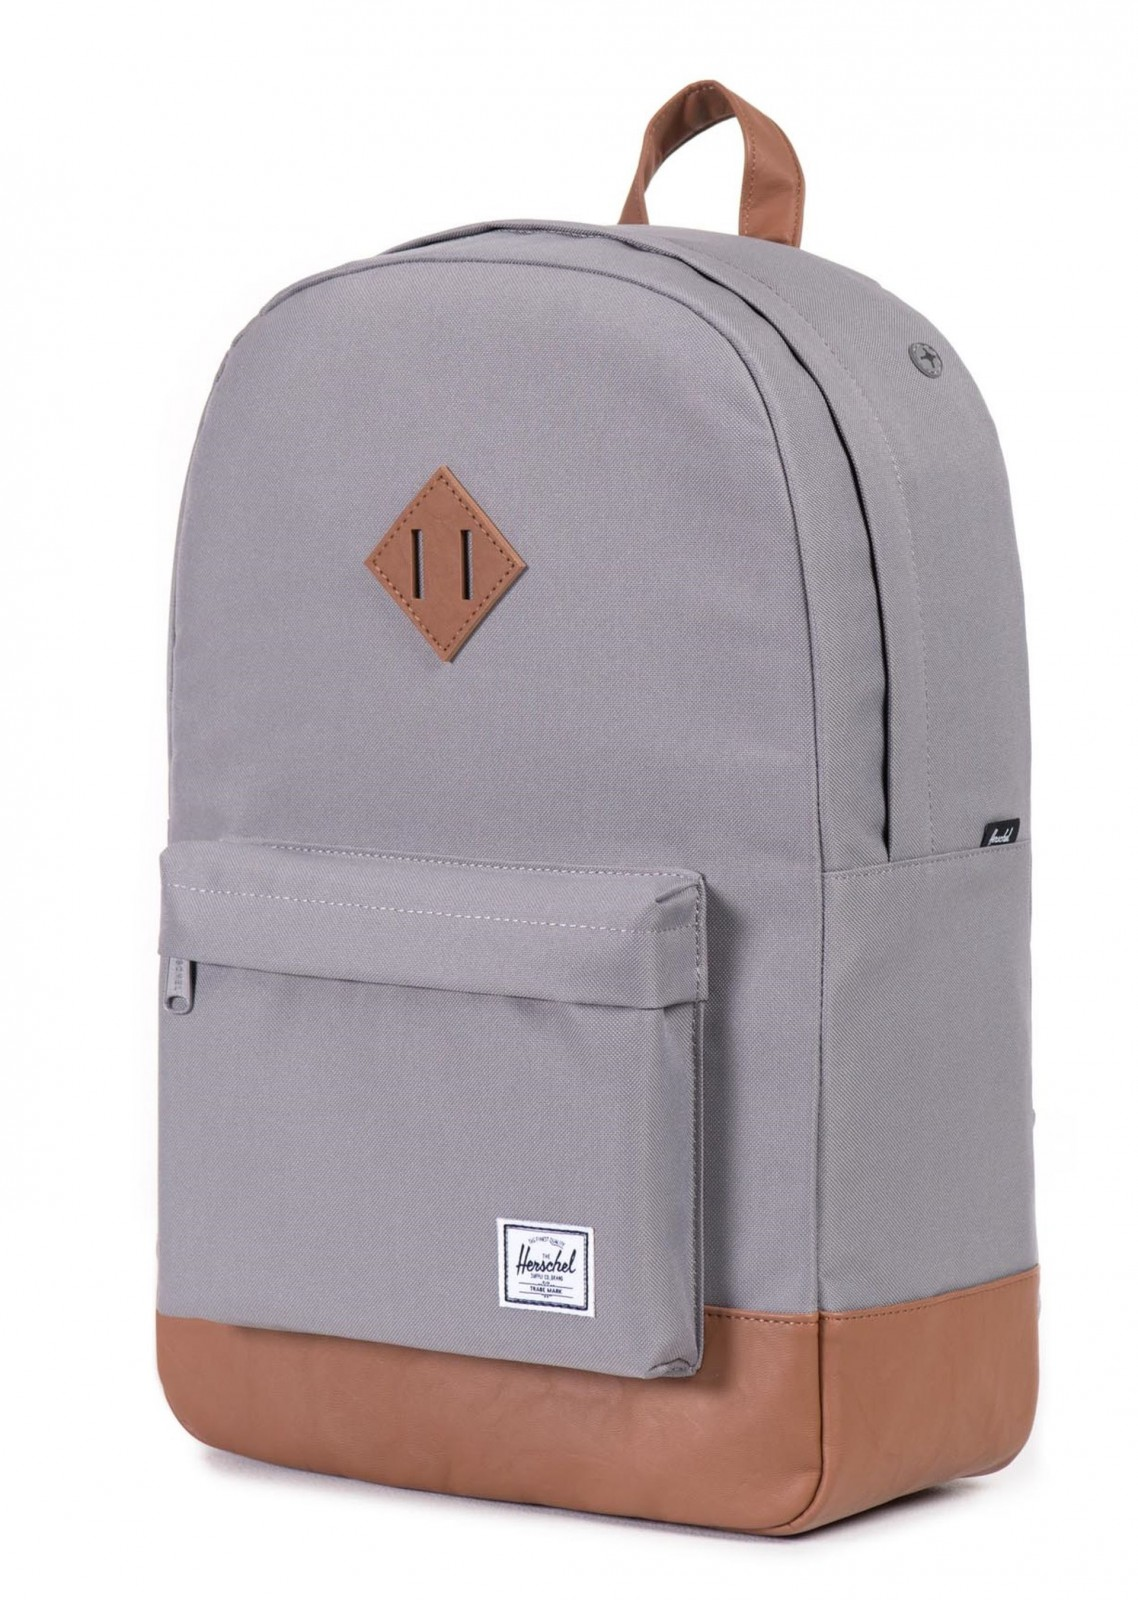 Herschel Heritage Backpack Grey / Tan